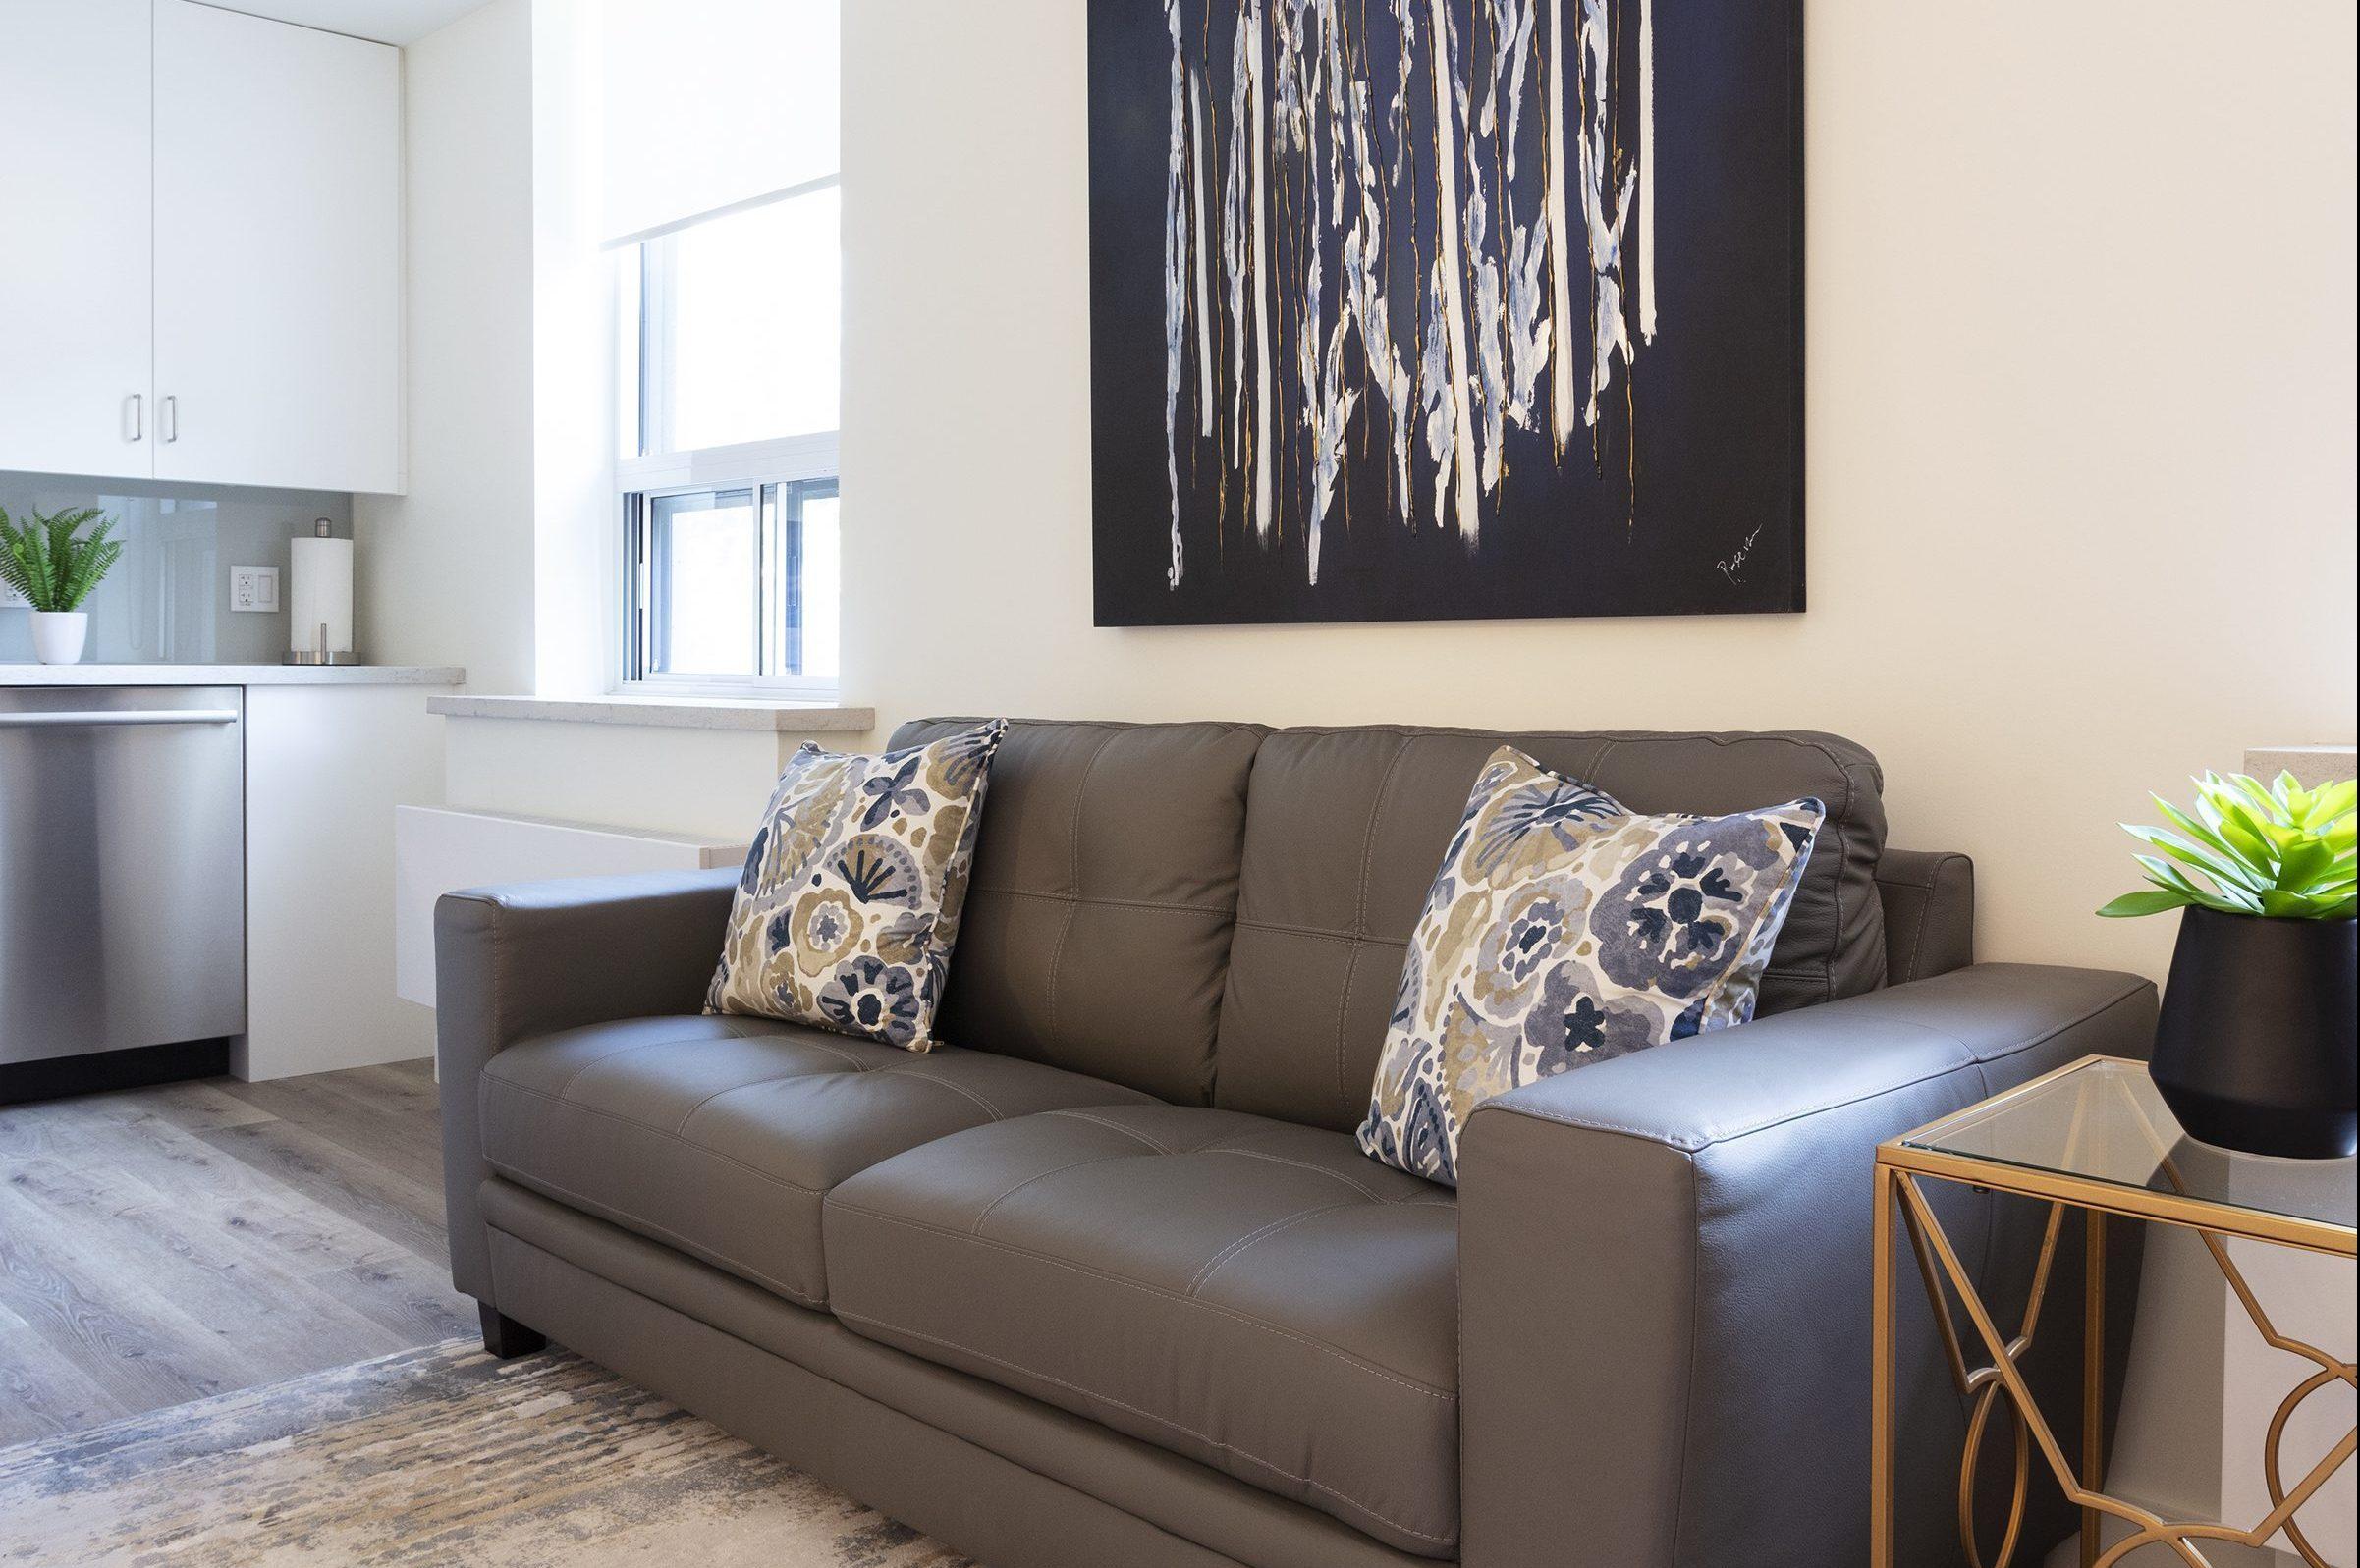 The Sassafras Living Room